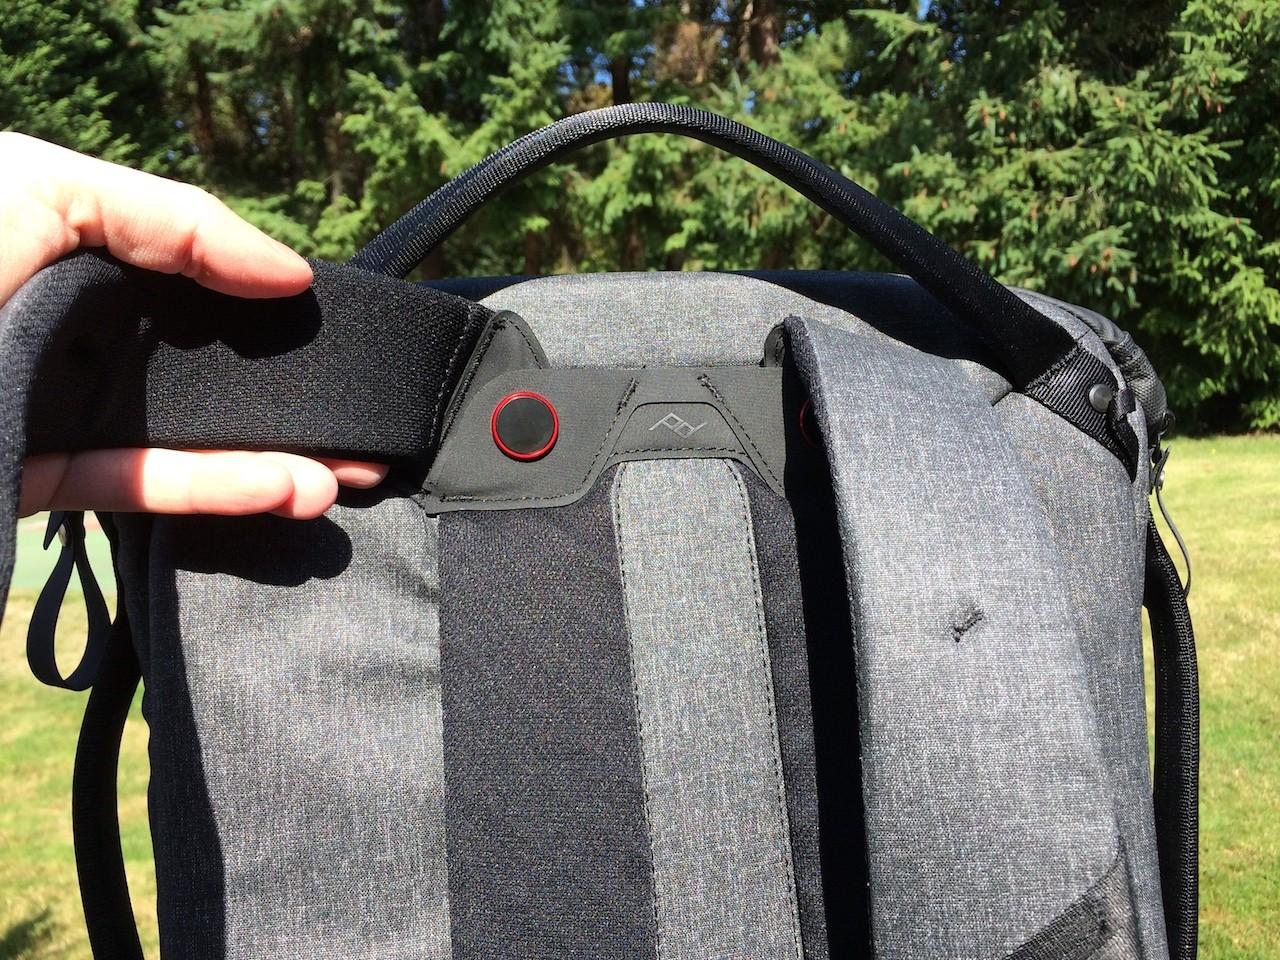 Peak Design Everyday Backpack shoulder strap rotation